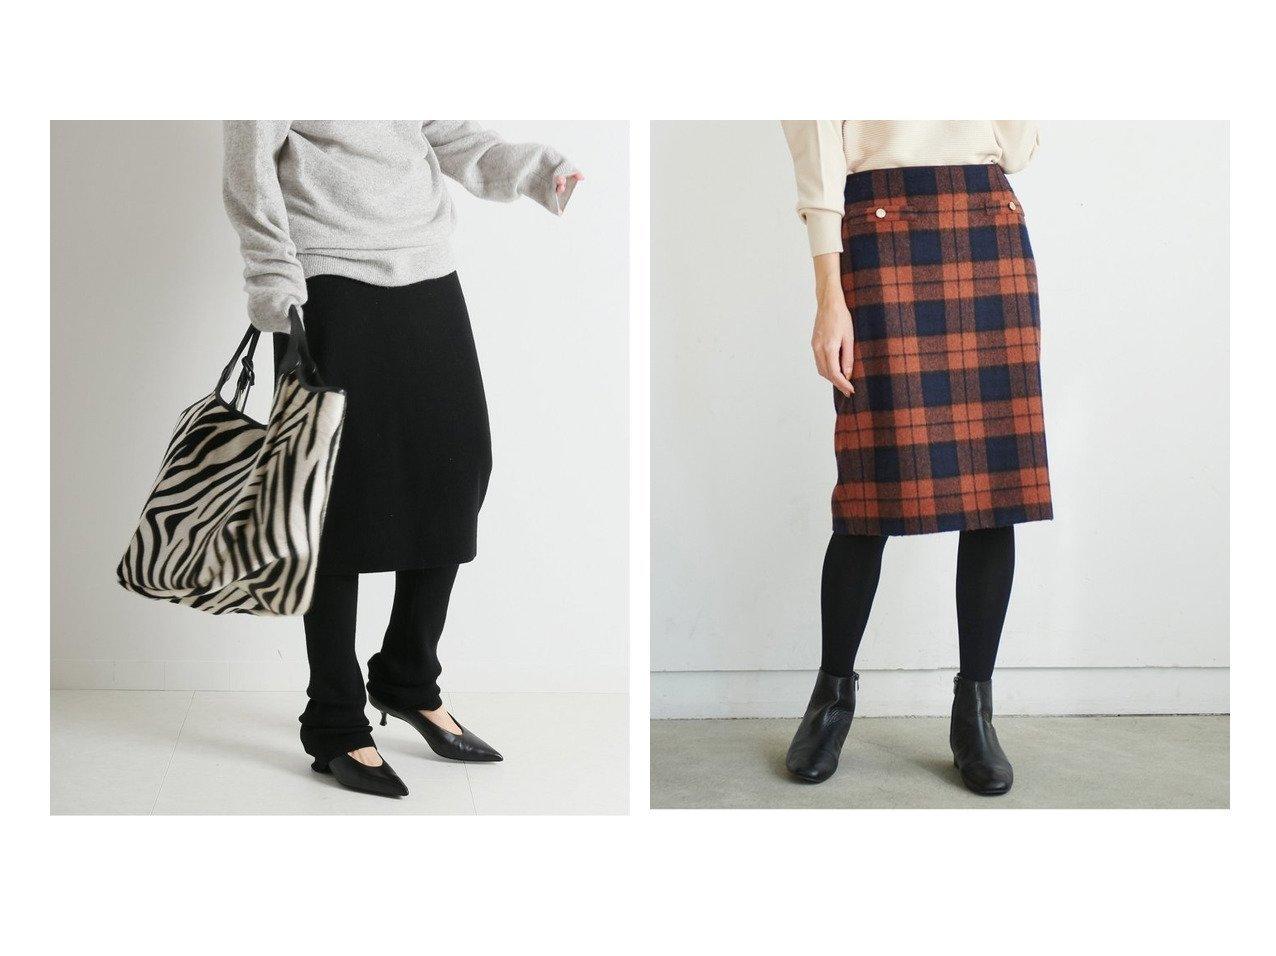 【Perle Peche/ペルルペッシュ】のウールシャギーチェックスカート&【FRAMeWORK/フレームワーク】のレギンス付きスカート スカートのおすすめ!人気、レディースファッションの通販  おすすめで人気のファッション通販商品 インテリア・家具・キッズファッション・メンズファッション・レディースファッション・服の通販 founy(ファニー) https://founy.com/ ファッション Fashion レディース WOMEN スカート Skirt レギンス Leggings 秋冬 A/W Autumn/ Winter シンプル ボトム レギンス 冬 Winter クラシカル スリット タイトスカート チェック  ID:crp329100000004034